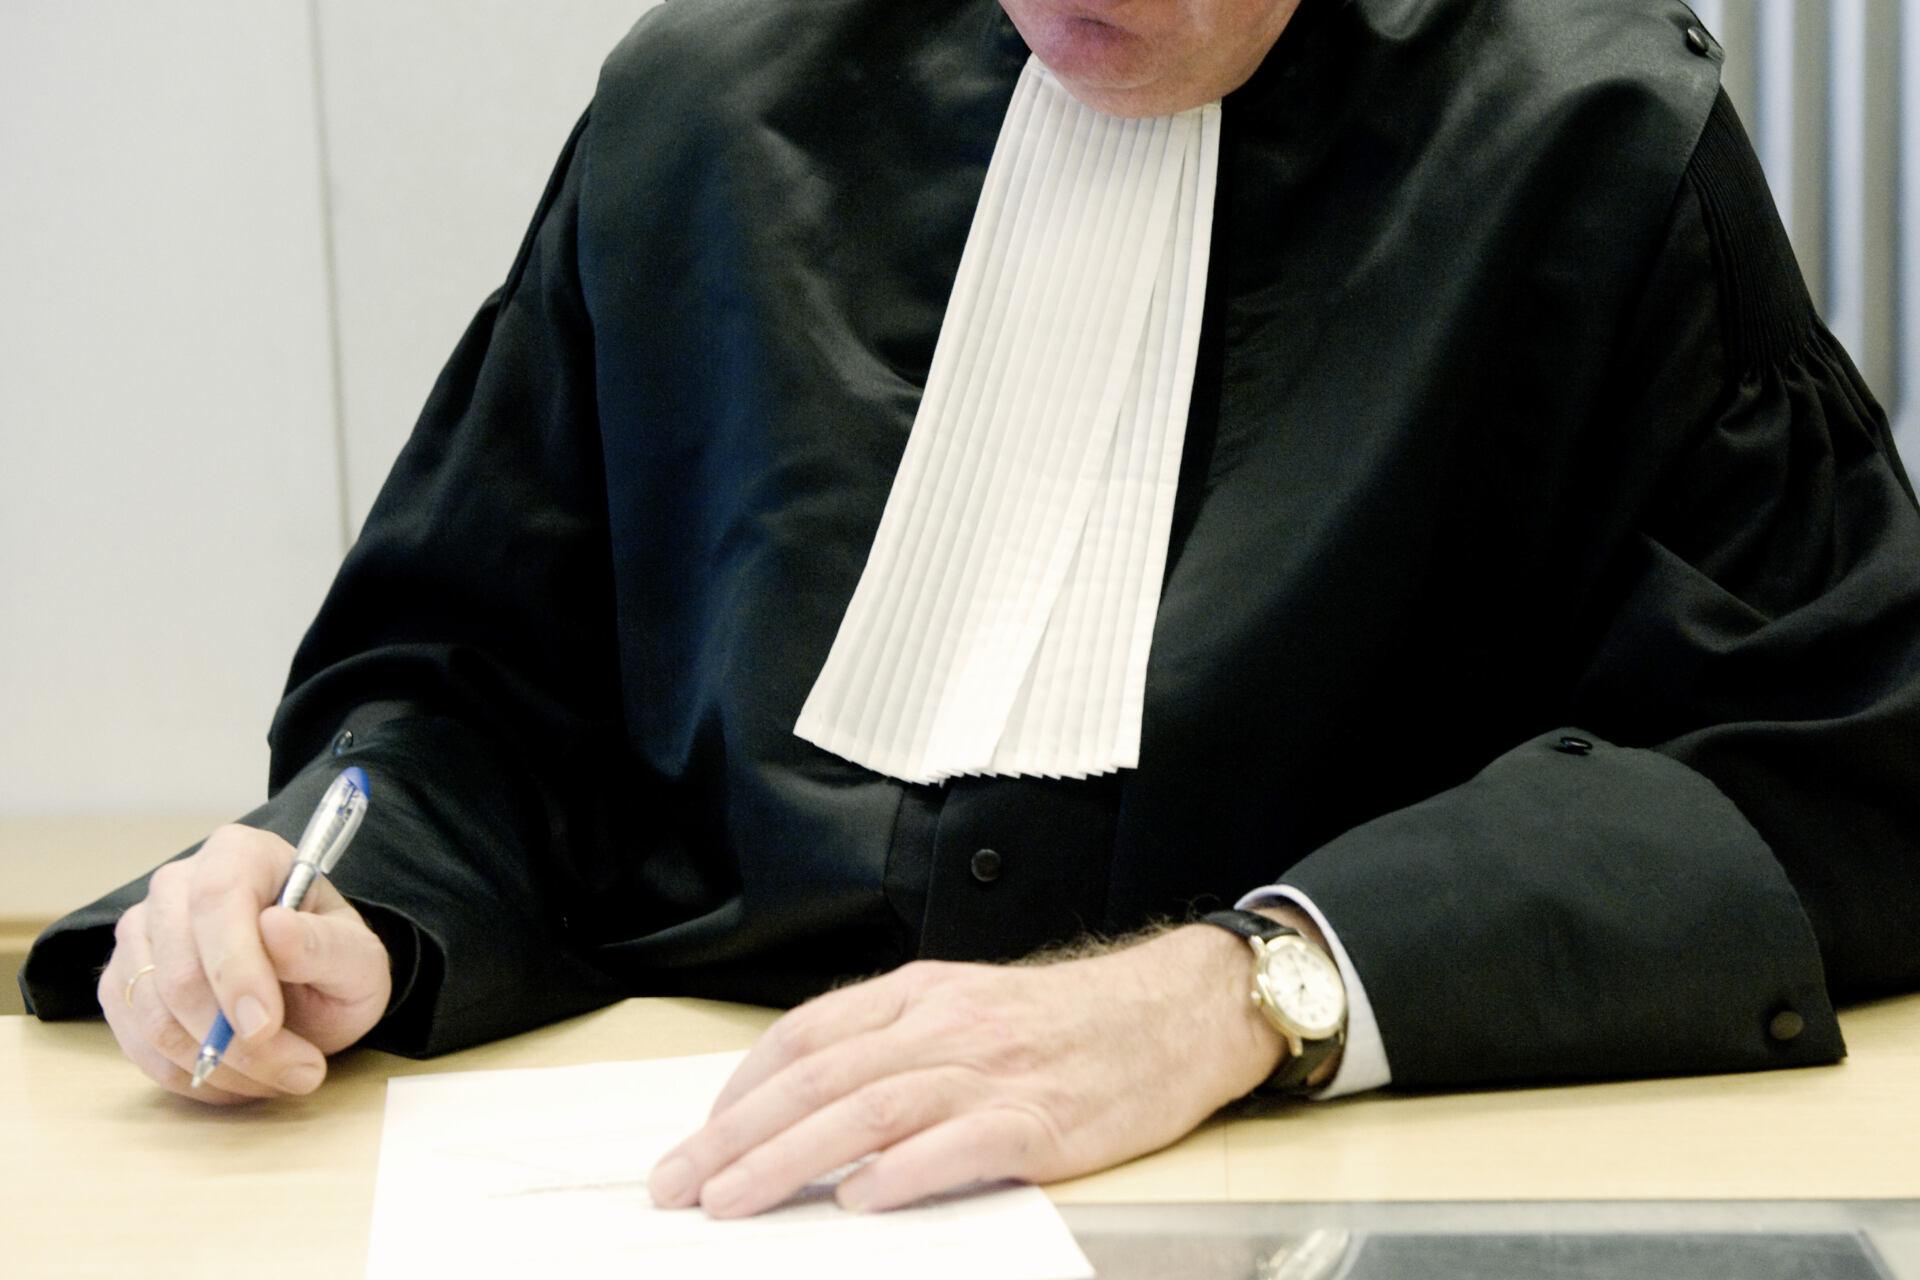 Beeld bij gepensioneerde rechters-dc5af918